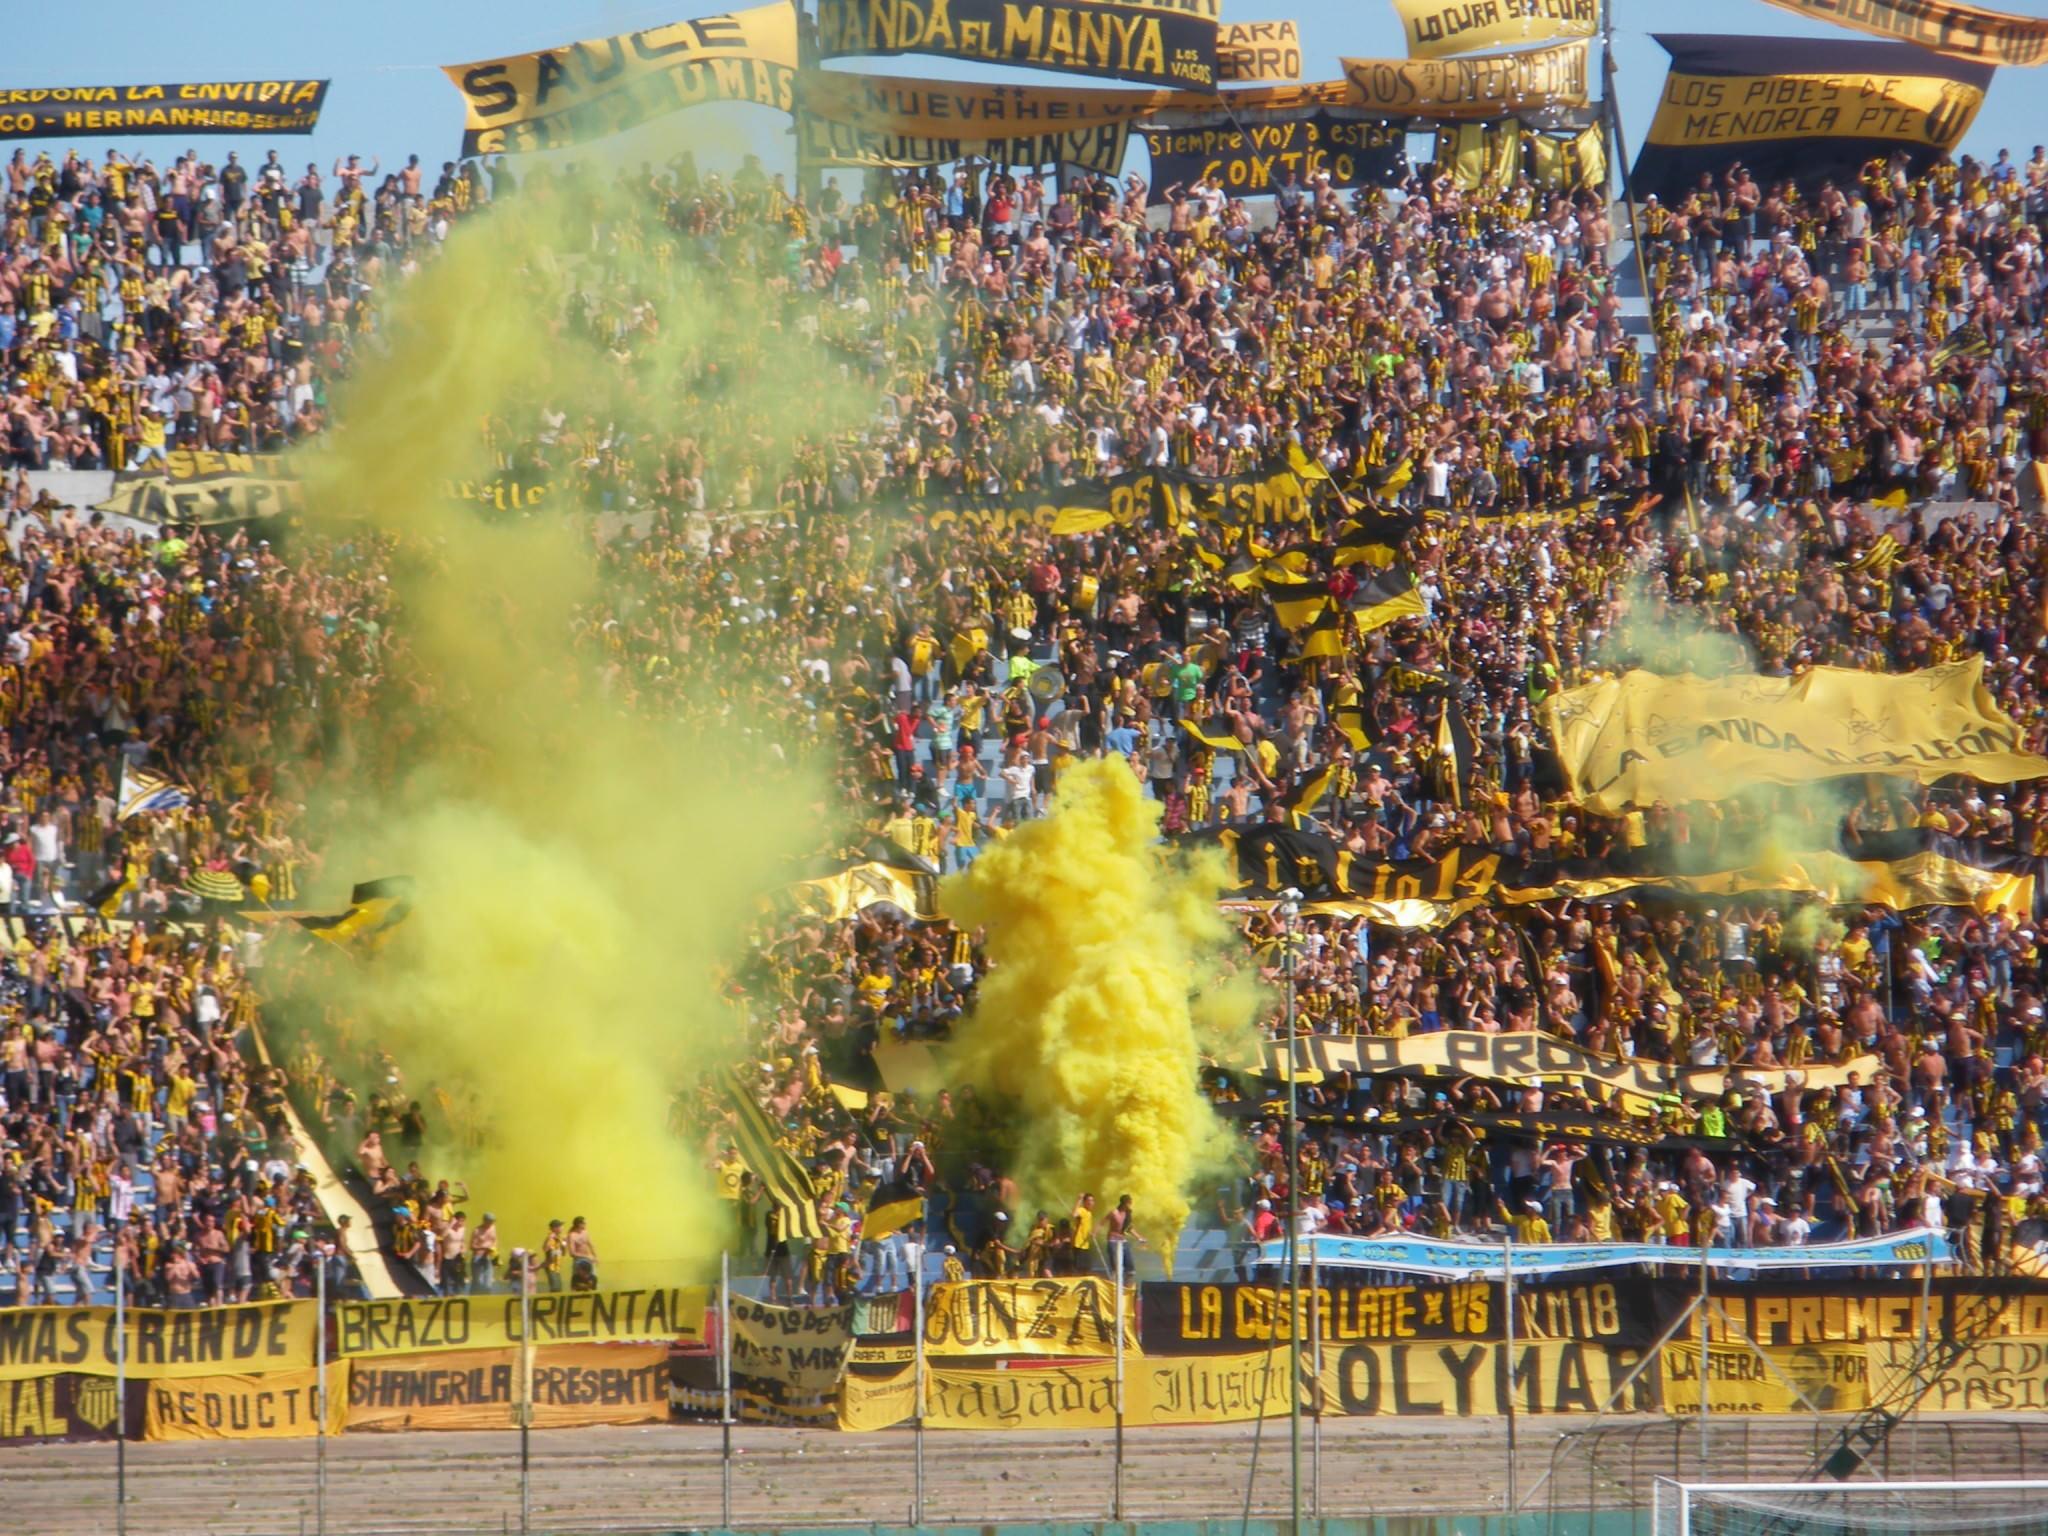 Hardcore Montevideo 96